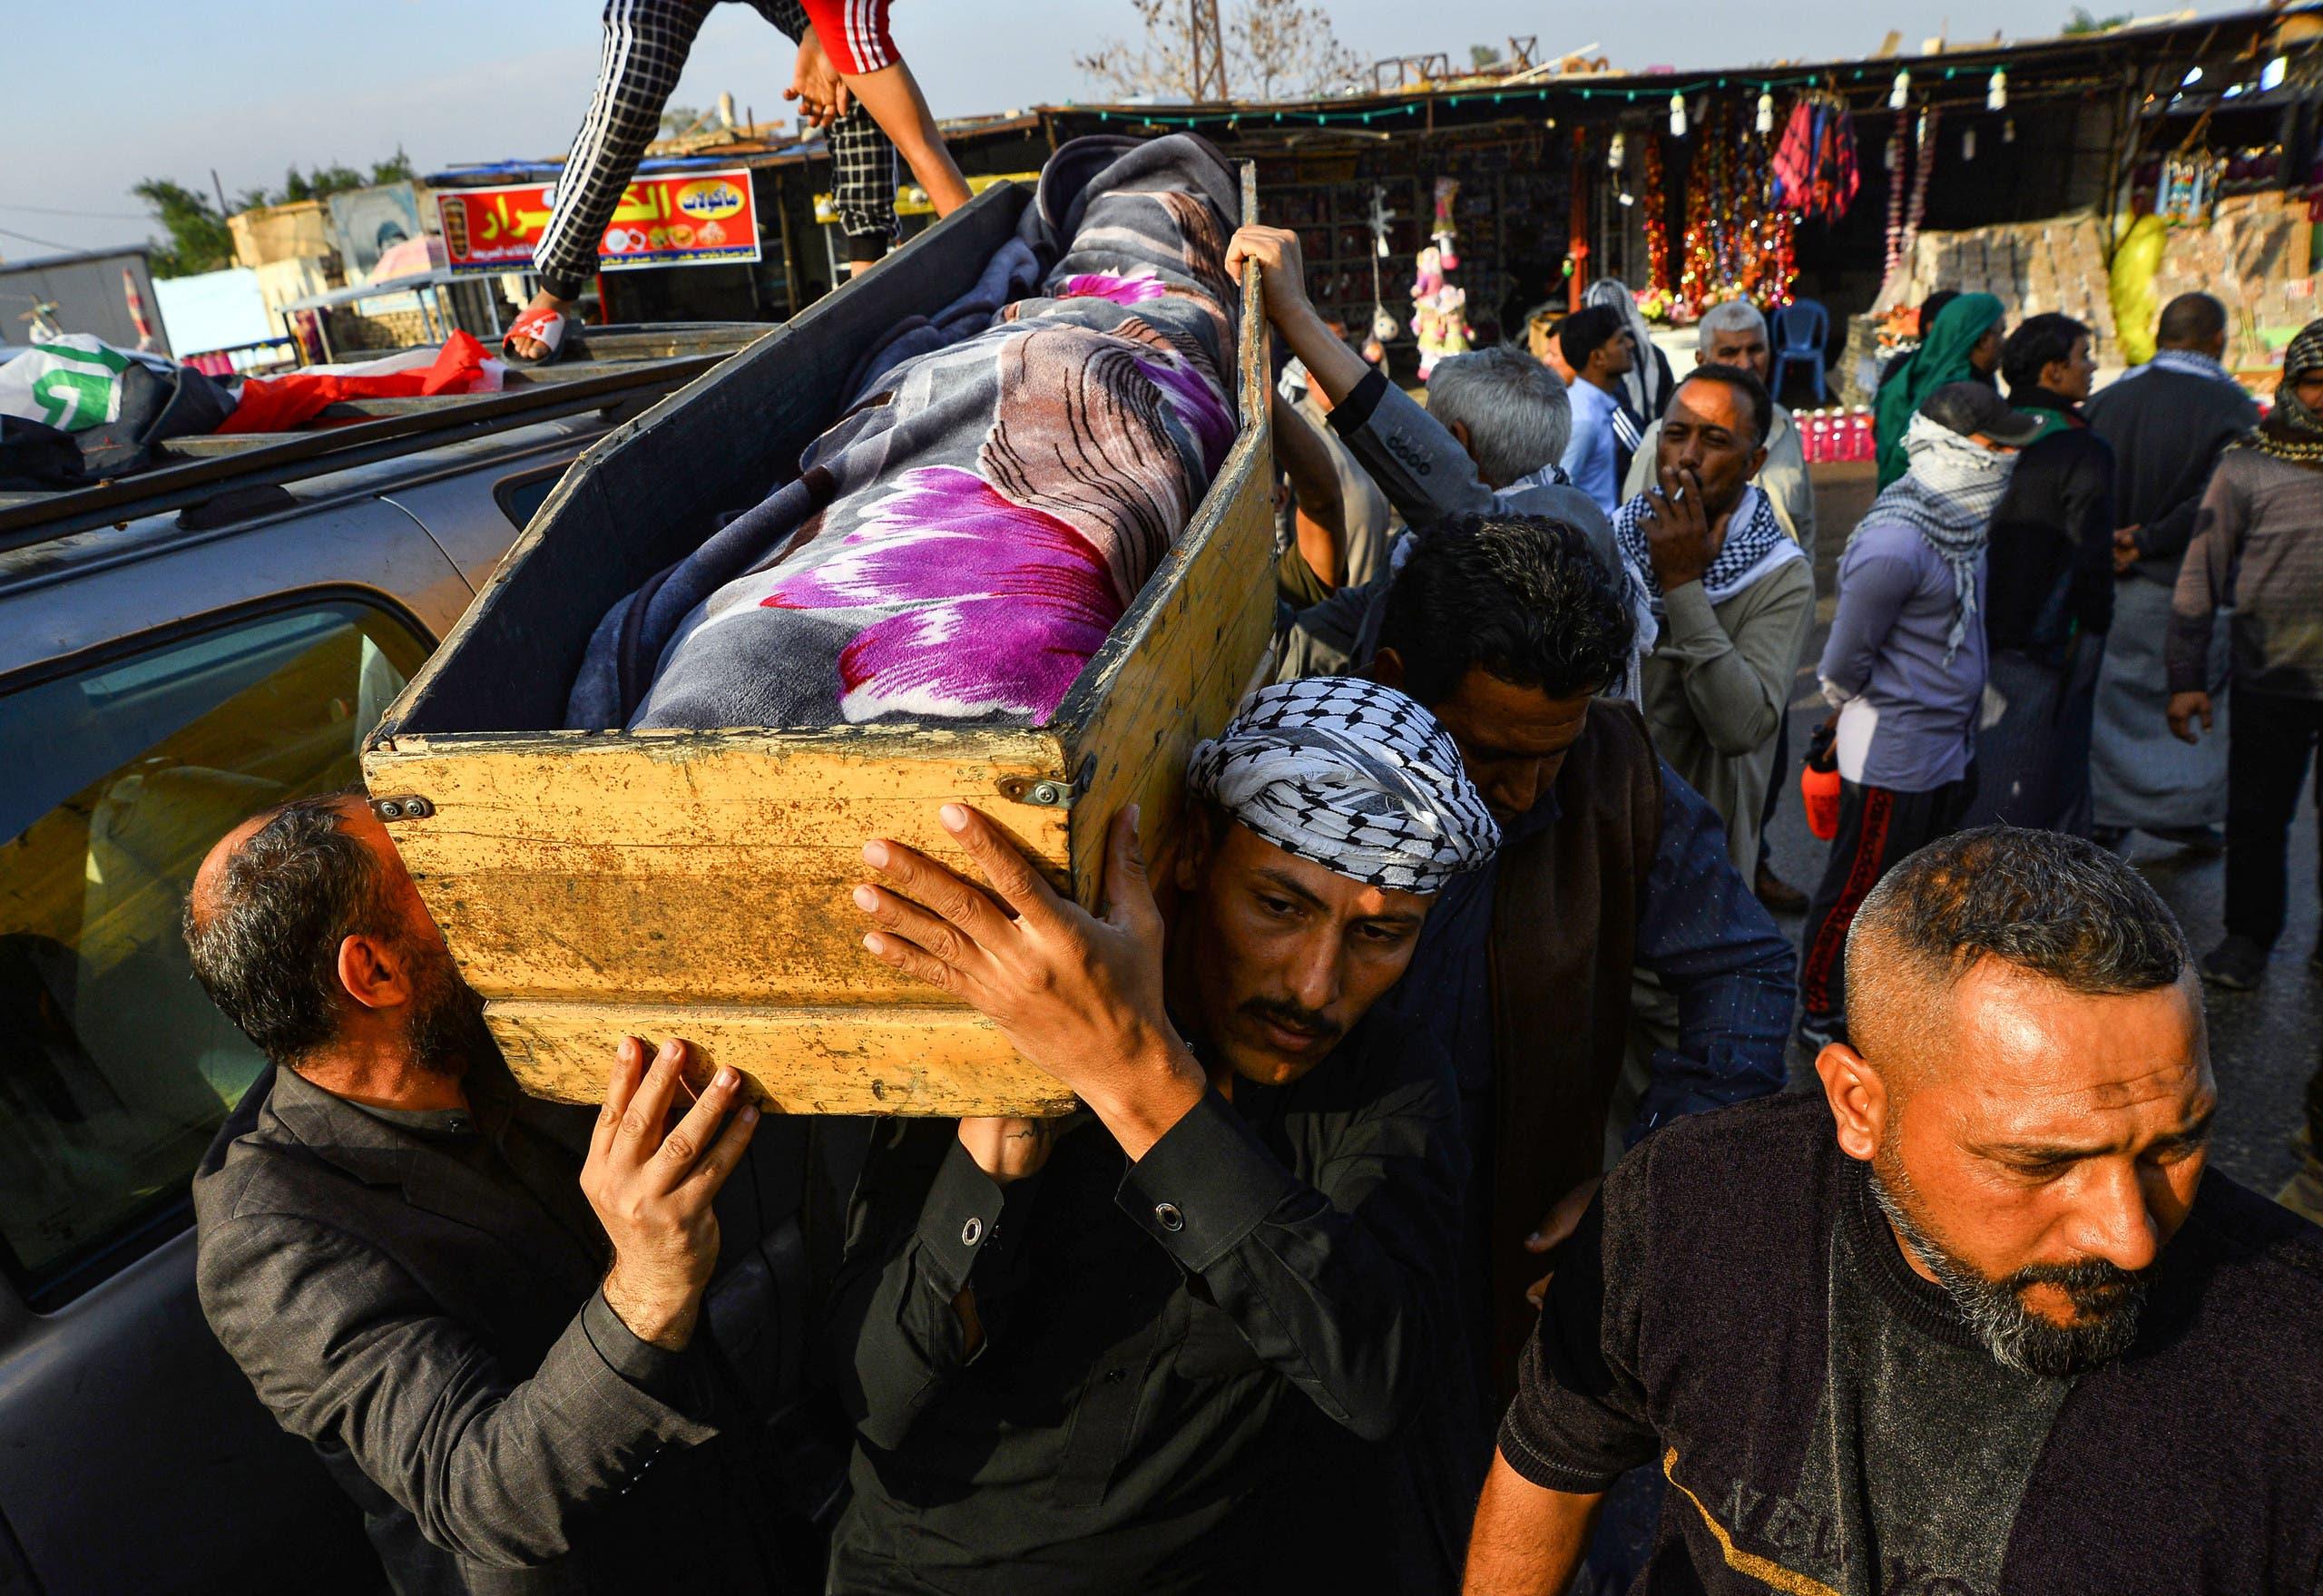 من تشييع ناشط عراقي قُتل خلال الاحتجاجات في النجف في نوفمبر 2019